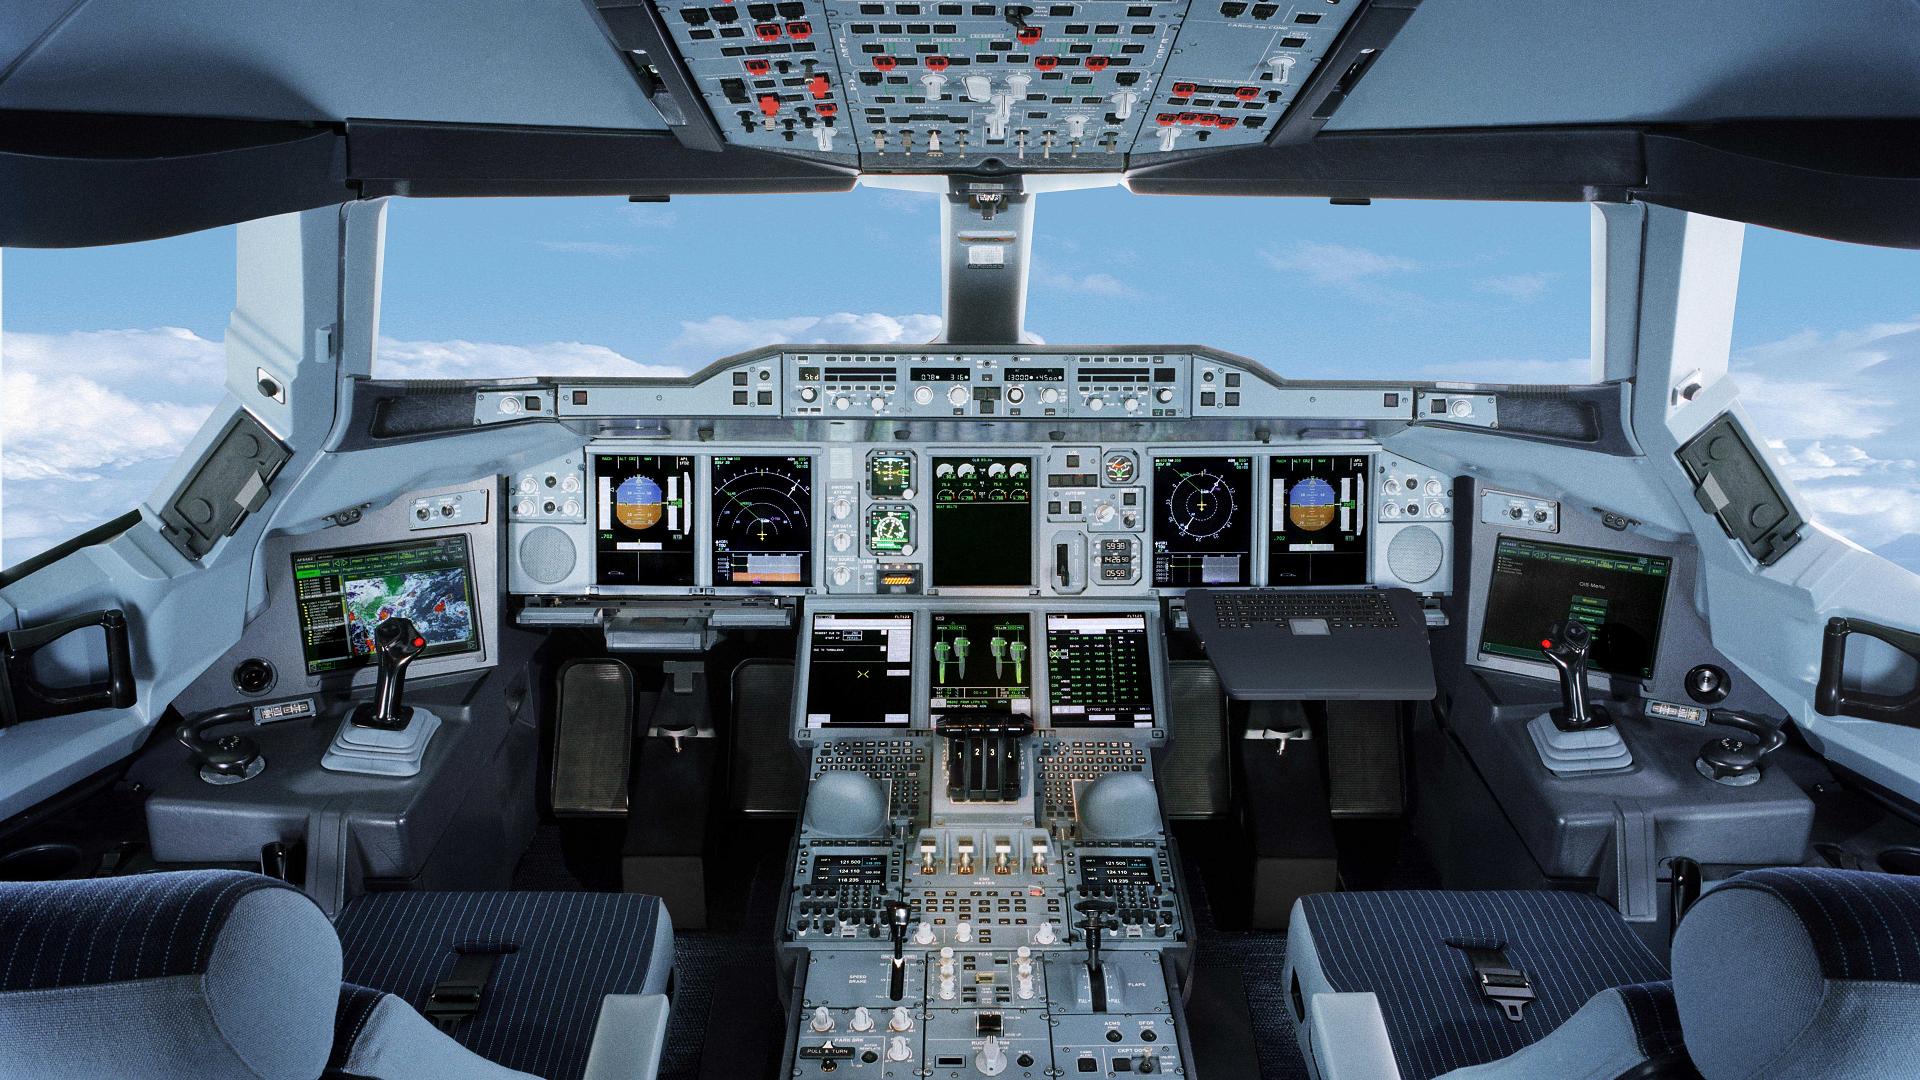 Airbus full hd wallpaper and hintergrund 1920x1080 id - 4k cockpit wallpaper ...